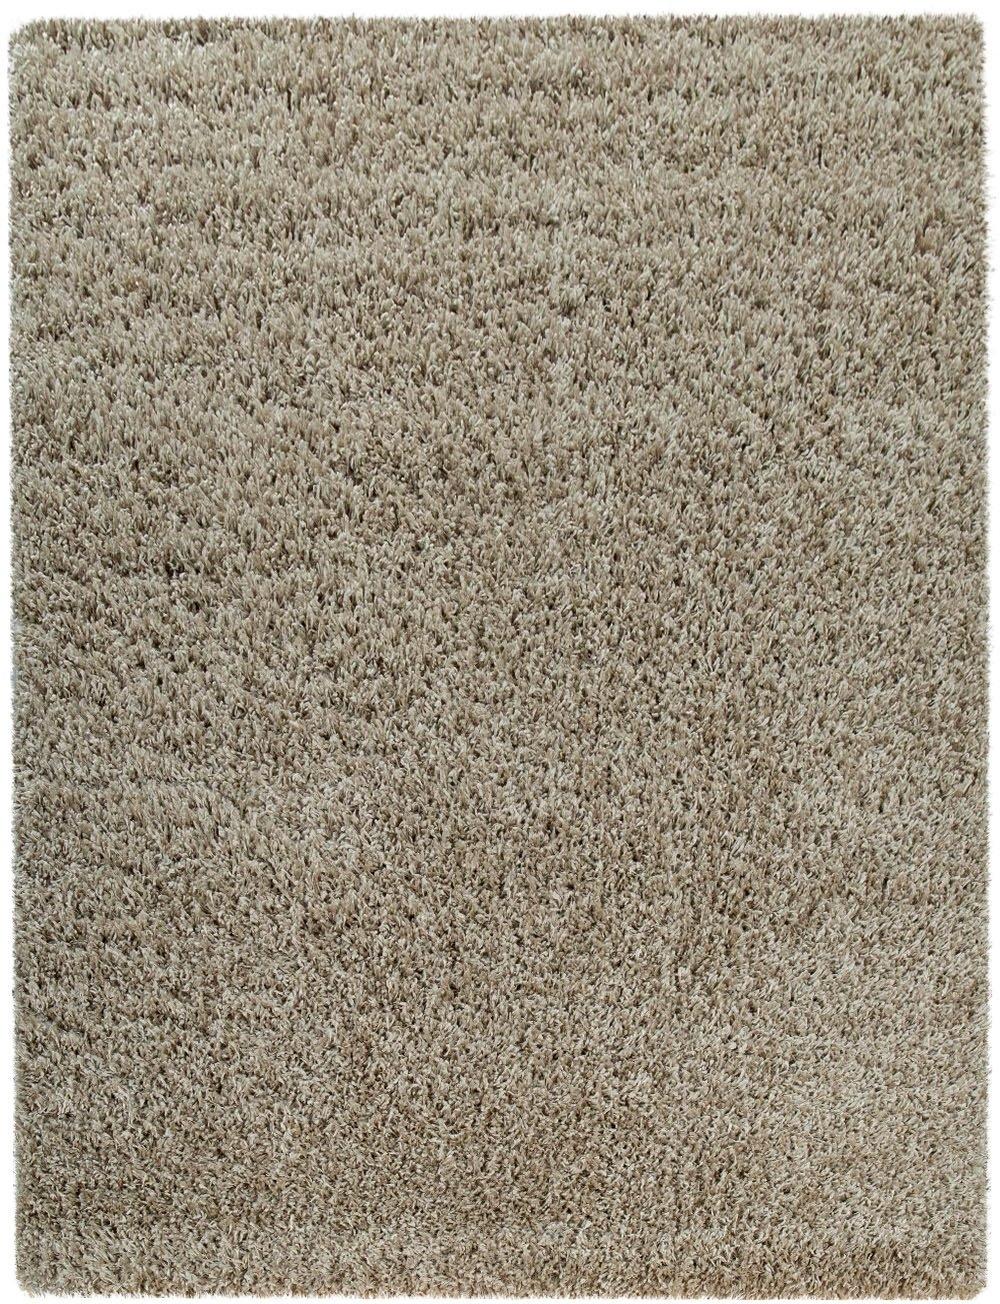 my home Hoogpolig vloerkleed Tripova Uni shaggy, zachte pool, woonkamer bestellen: 30 dagen bedenktijd